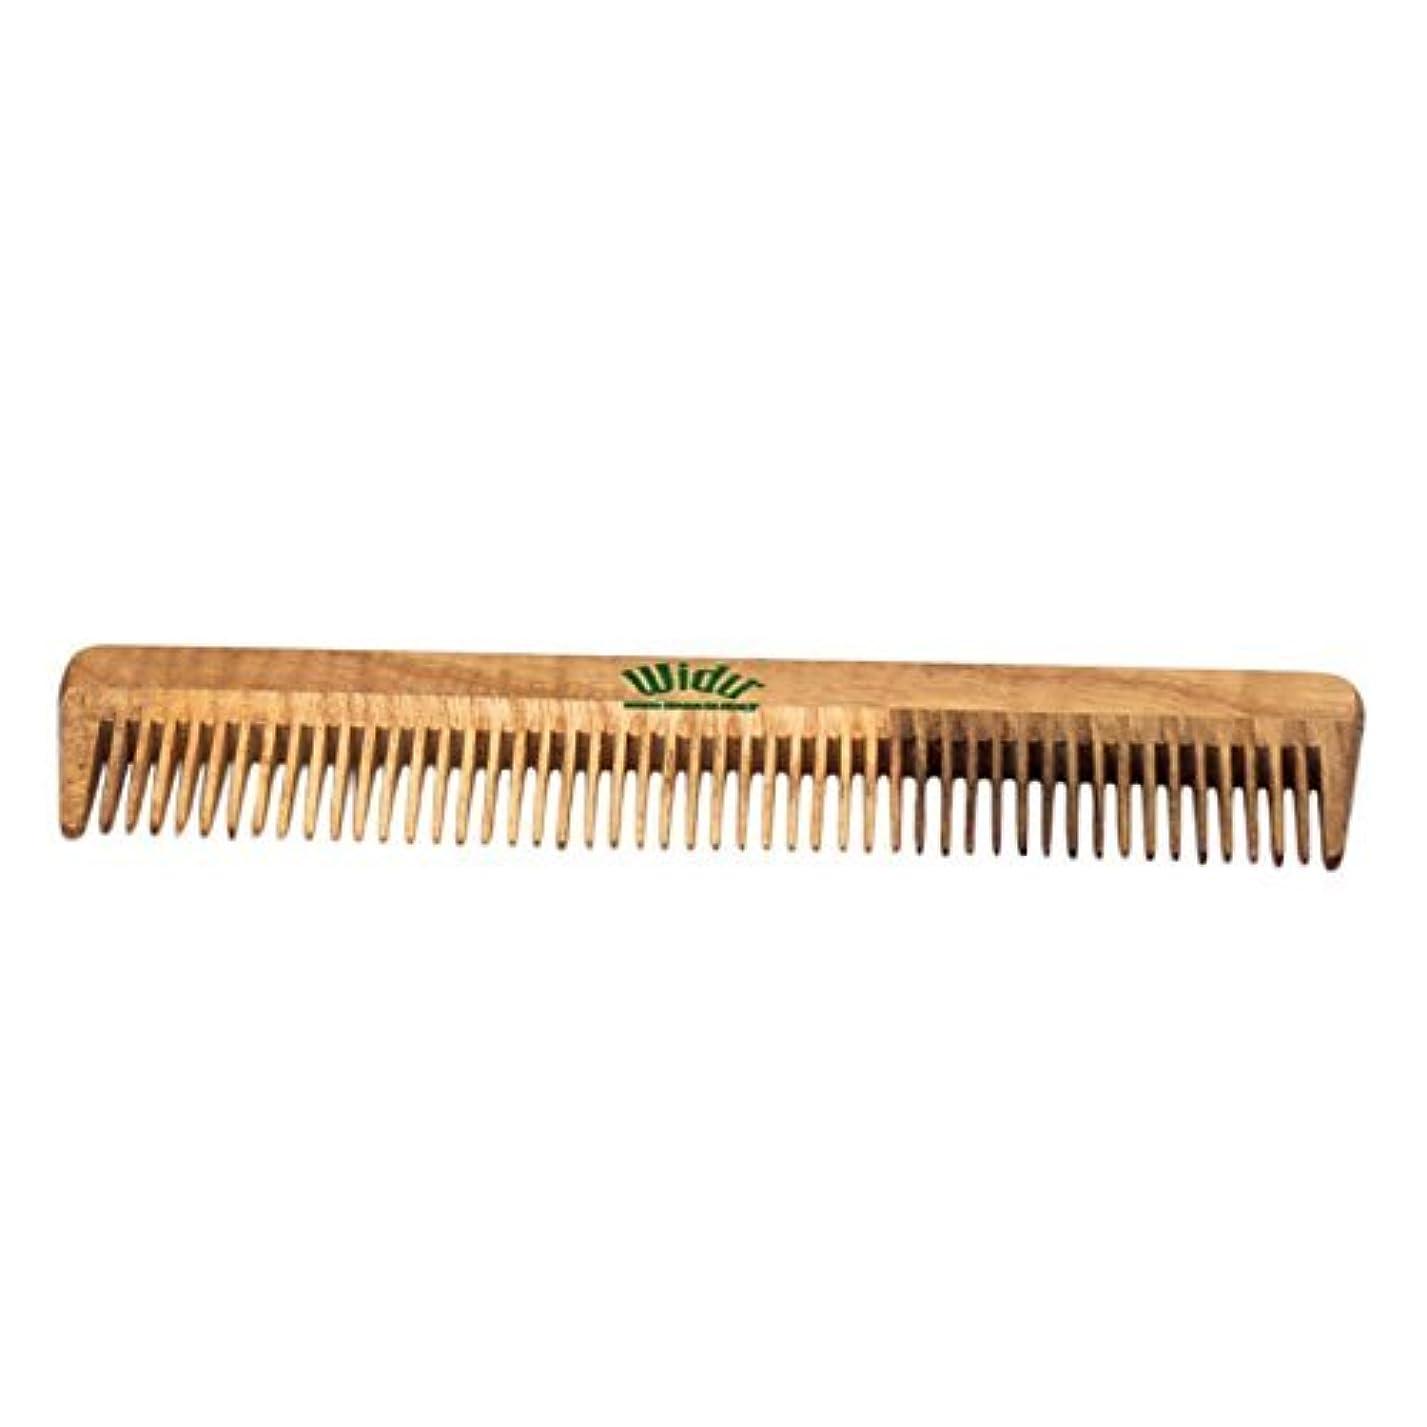 クロールベンチレトルトSmall Comb with Thin Spaced Teeth 1 Count [並行輸入品]